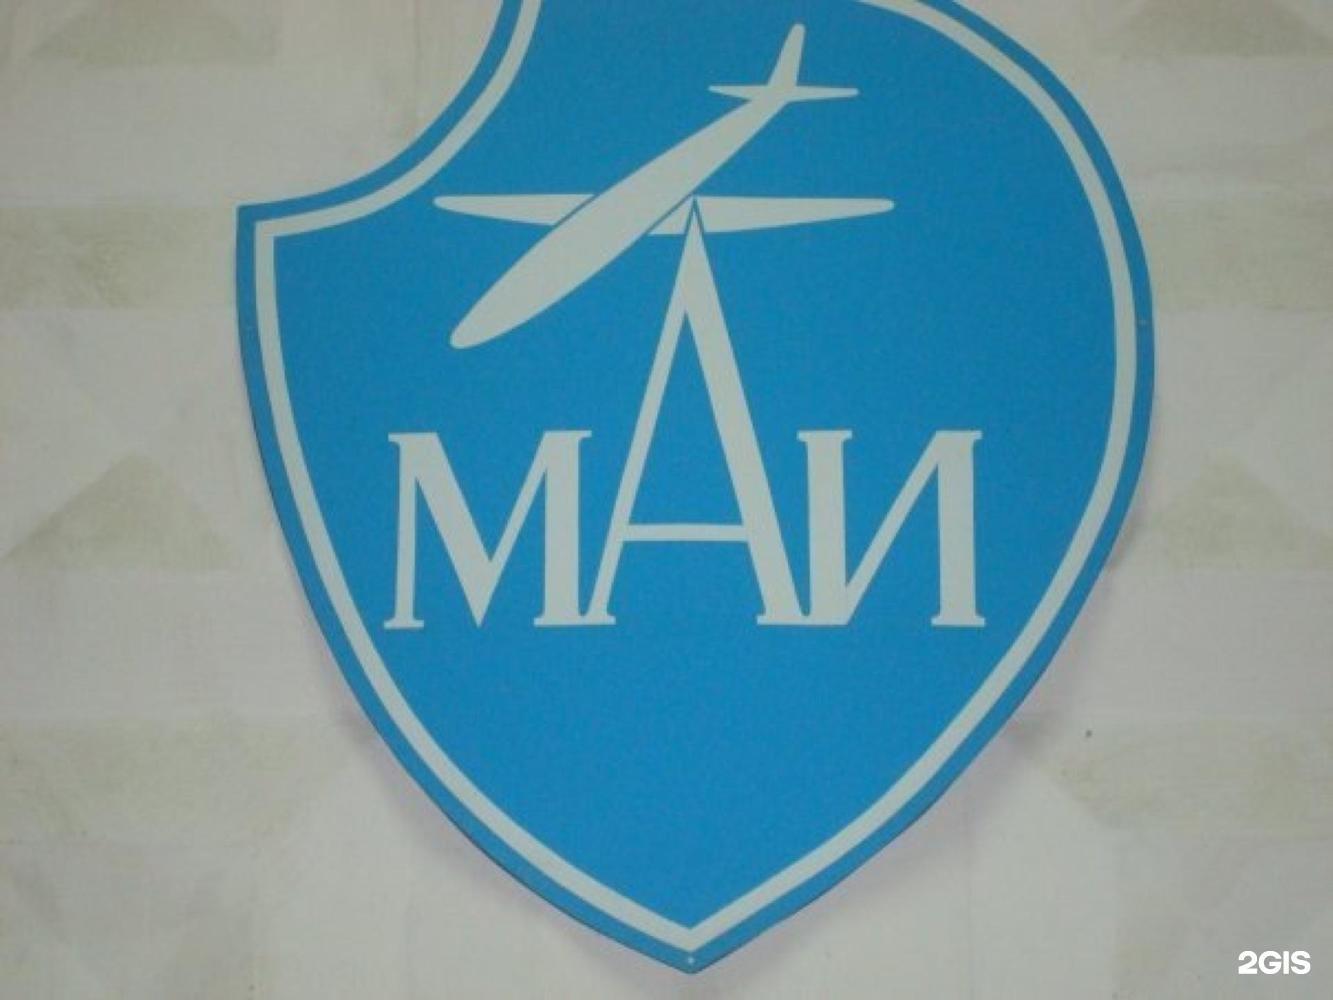 Фото масковский институт маи авиационный институт 5